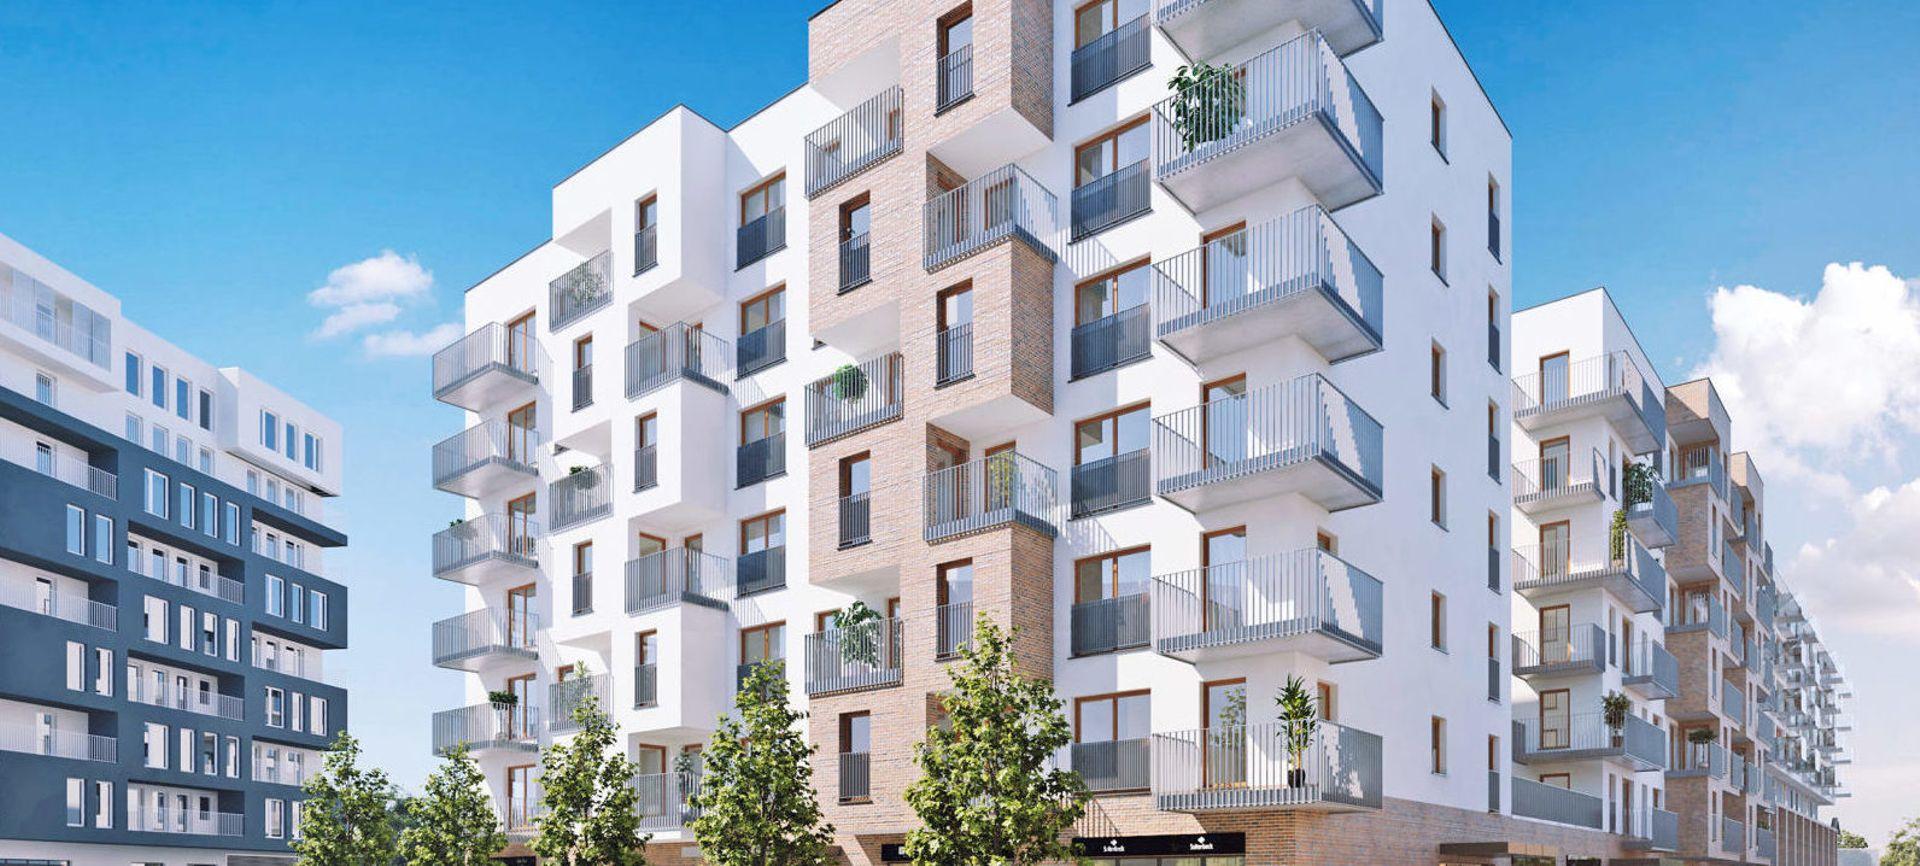 Czy warto inwestować w mieszkania z rynku pierwotnego?